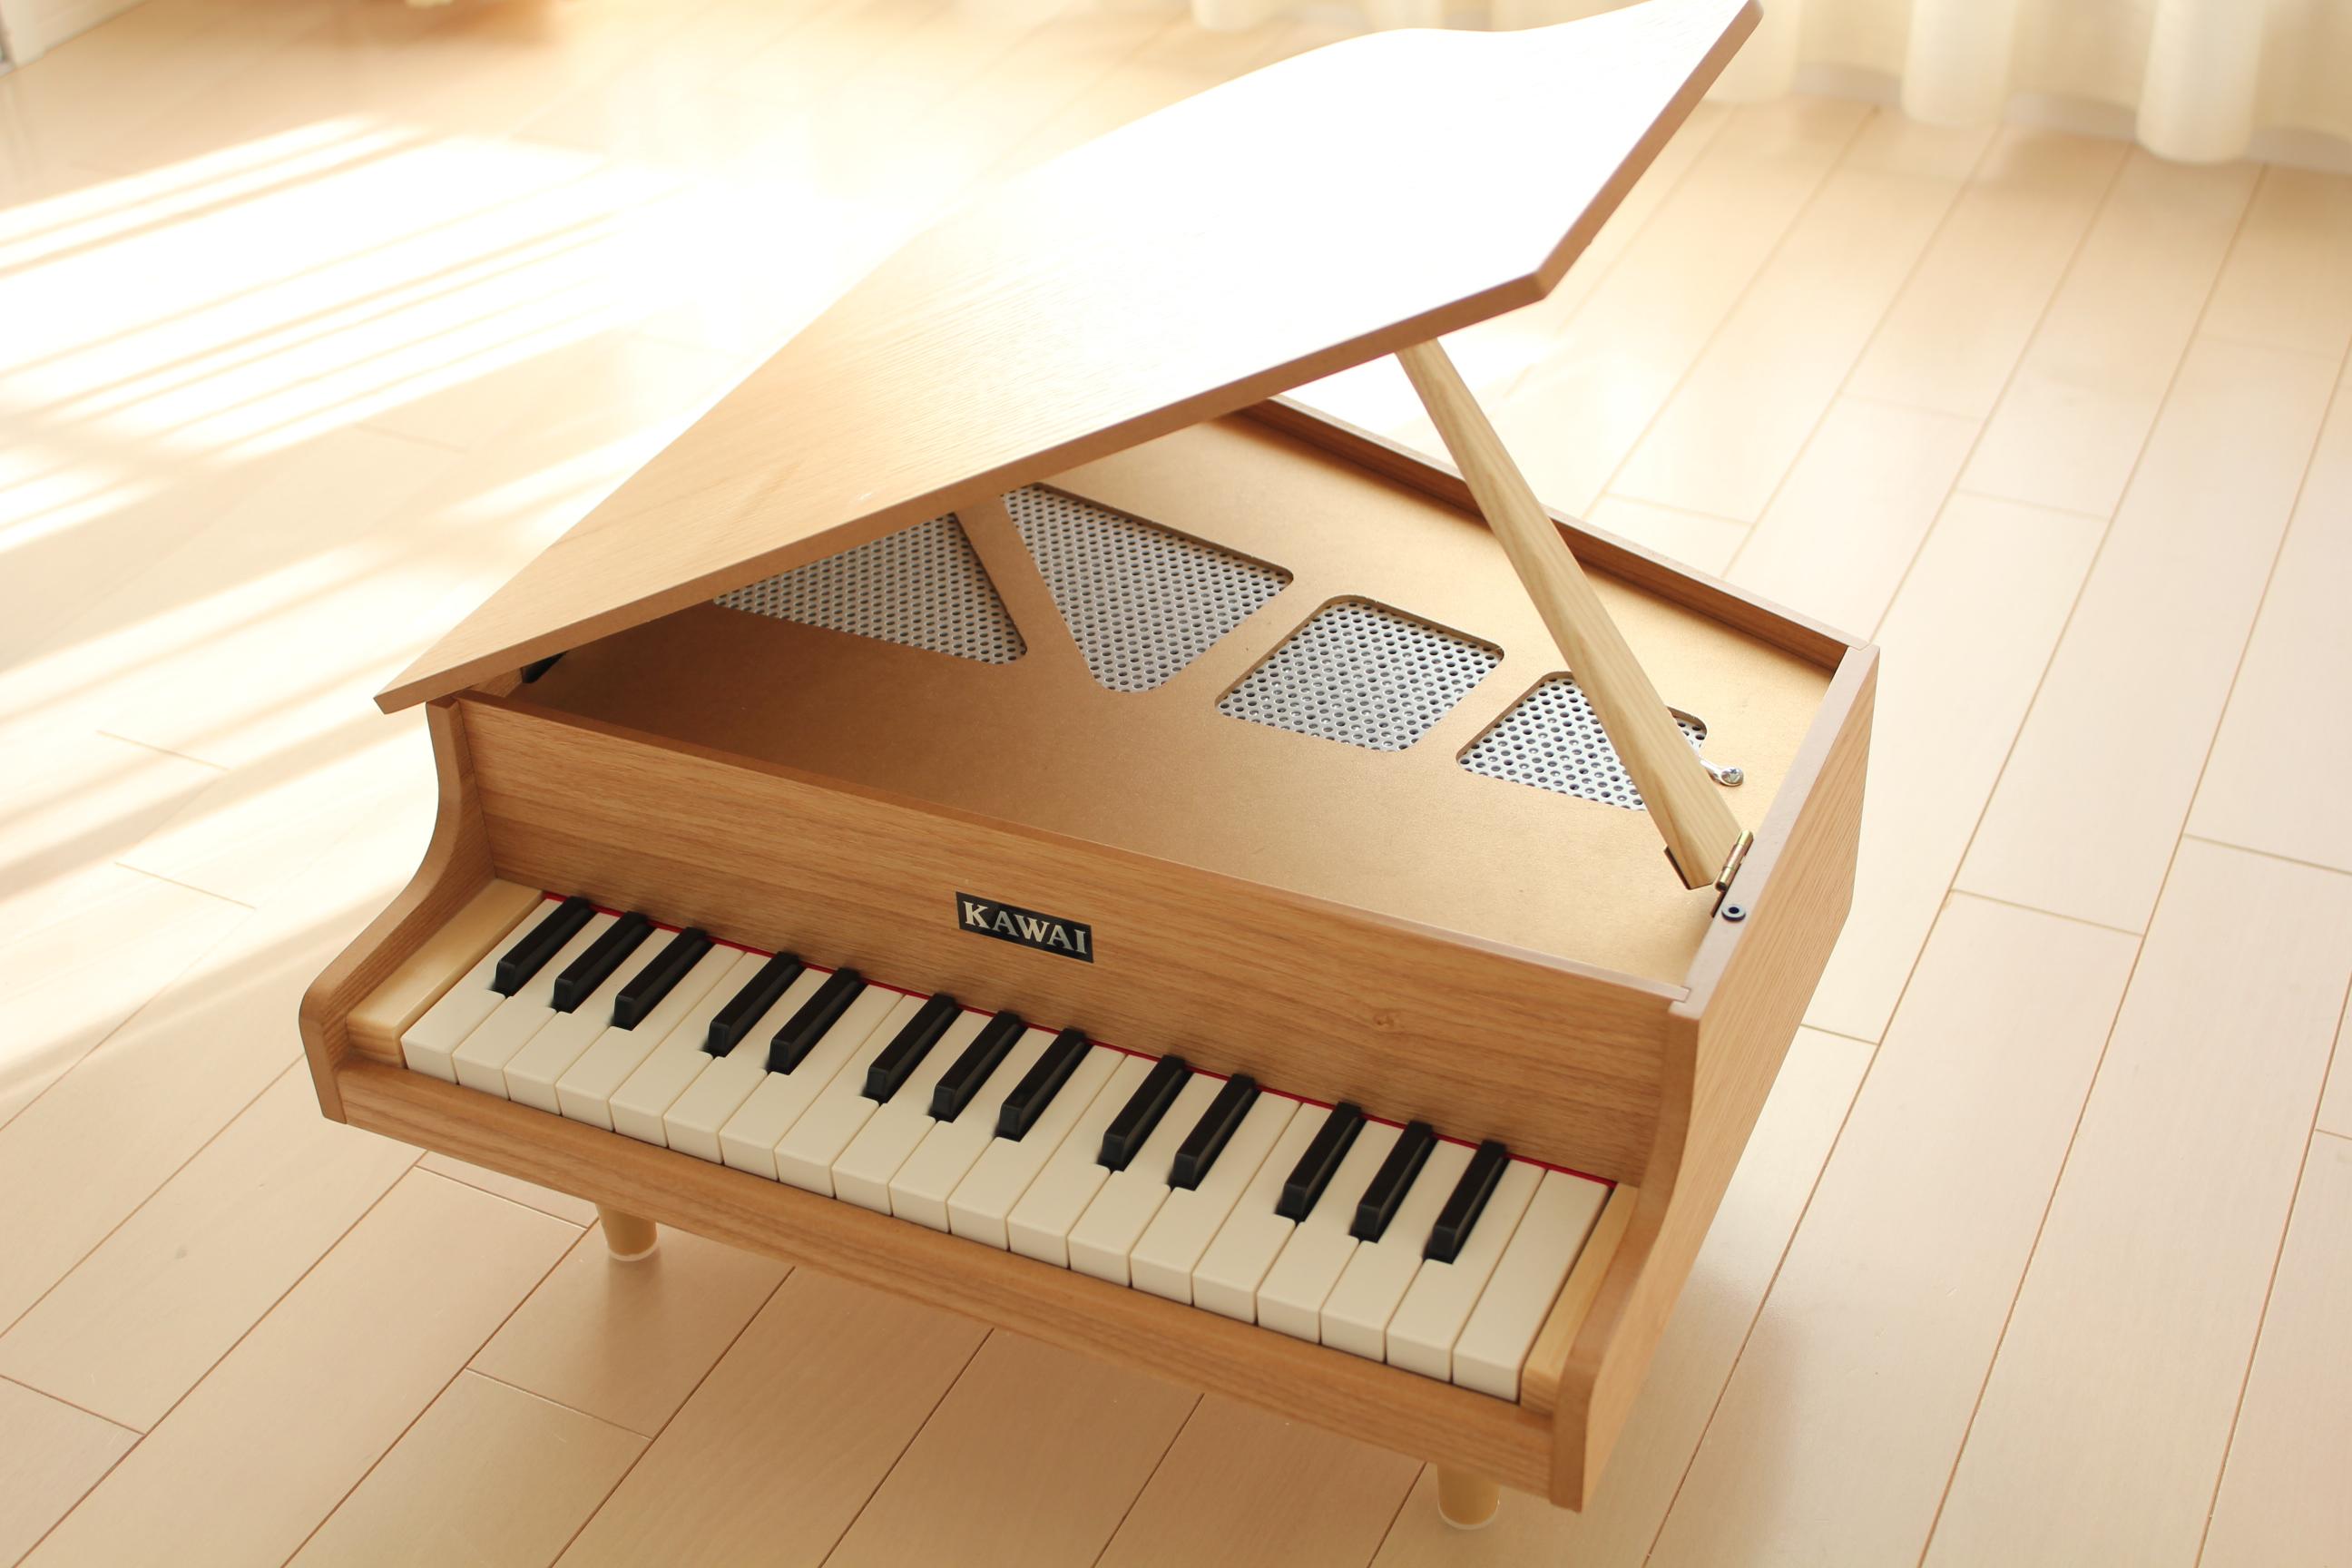 KAWAIグランドピアノ